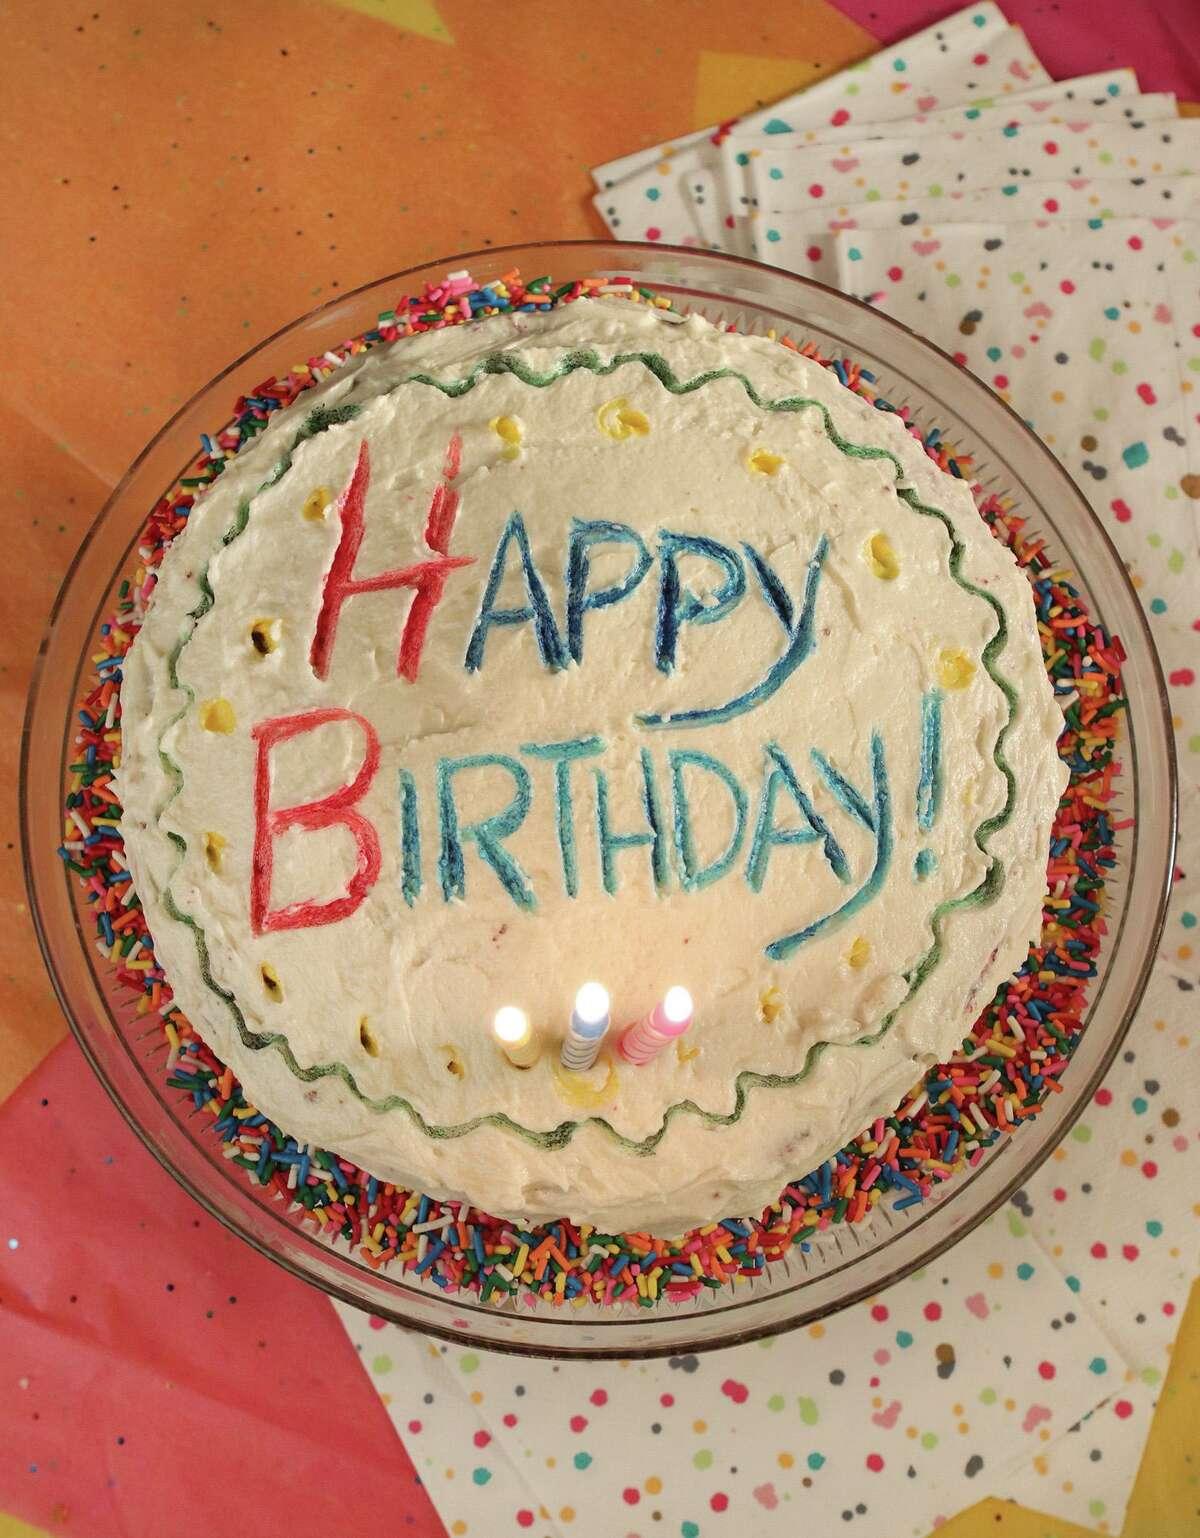 A red velvet birthday cake.